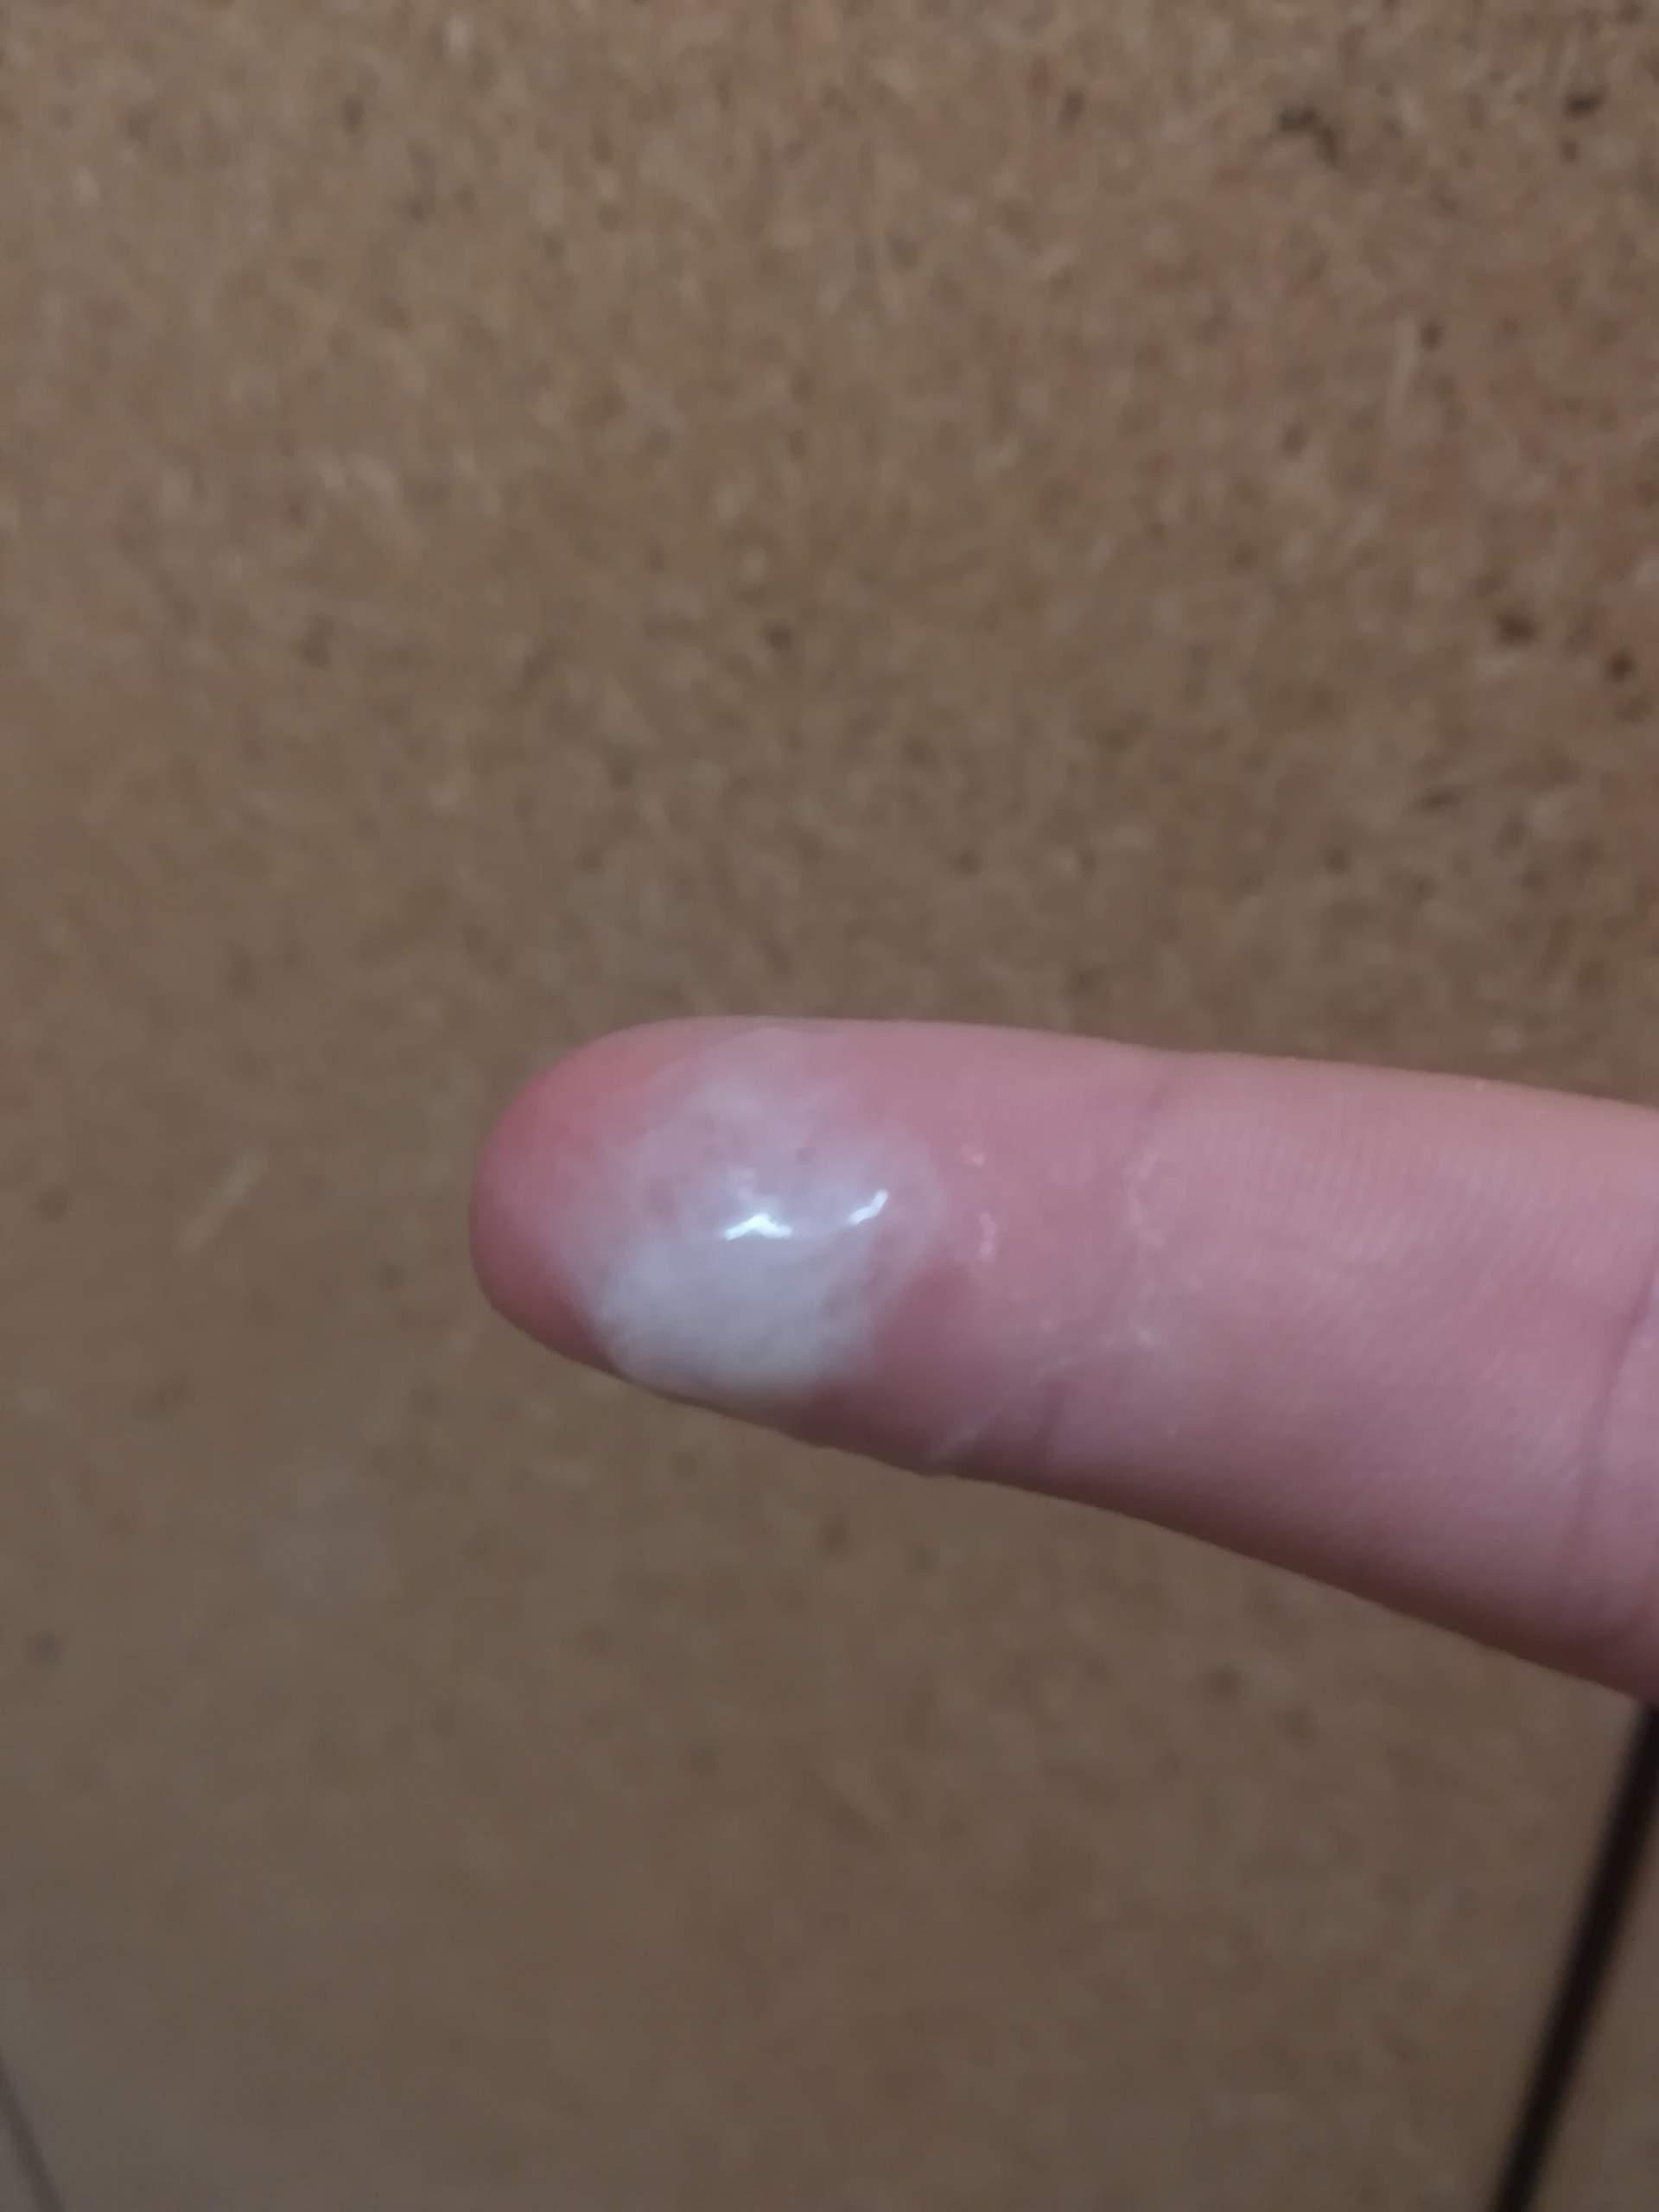 Eisprung schleimklumpen nach Zervixschleim